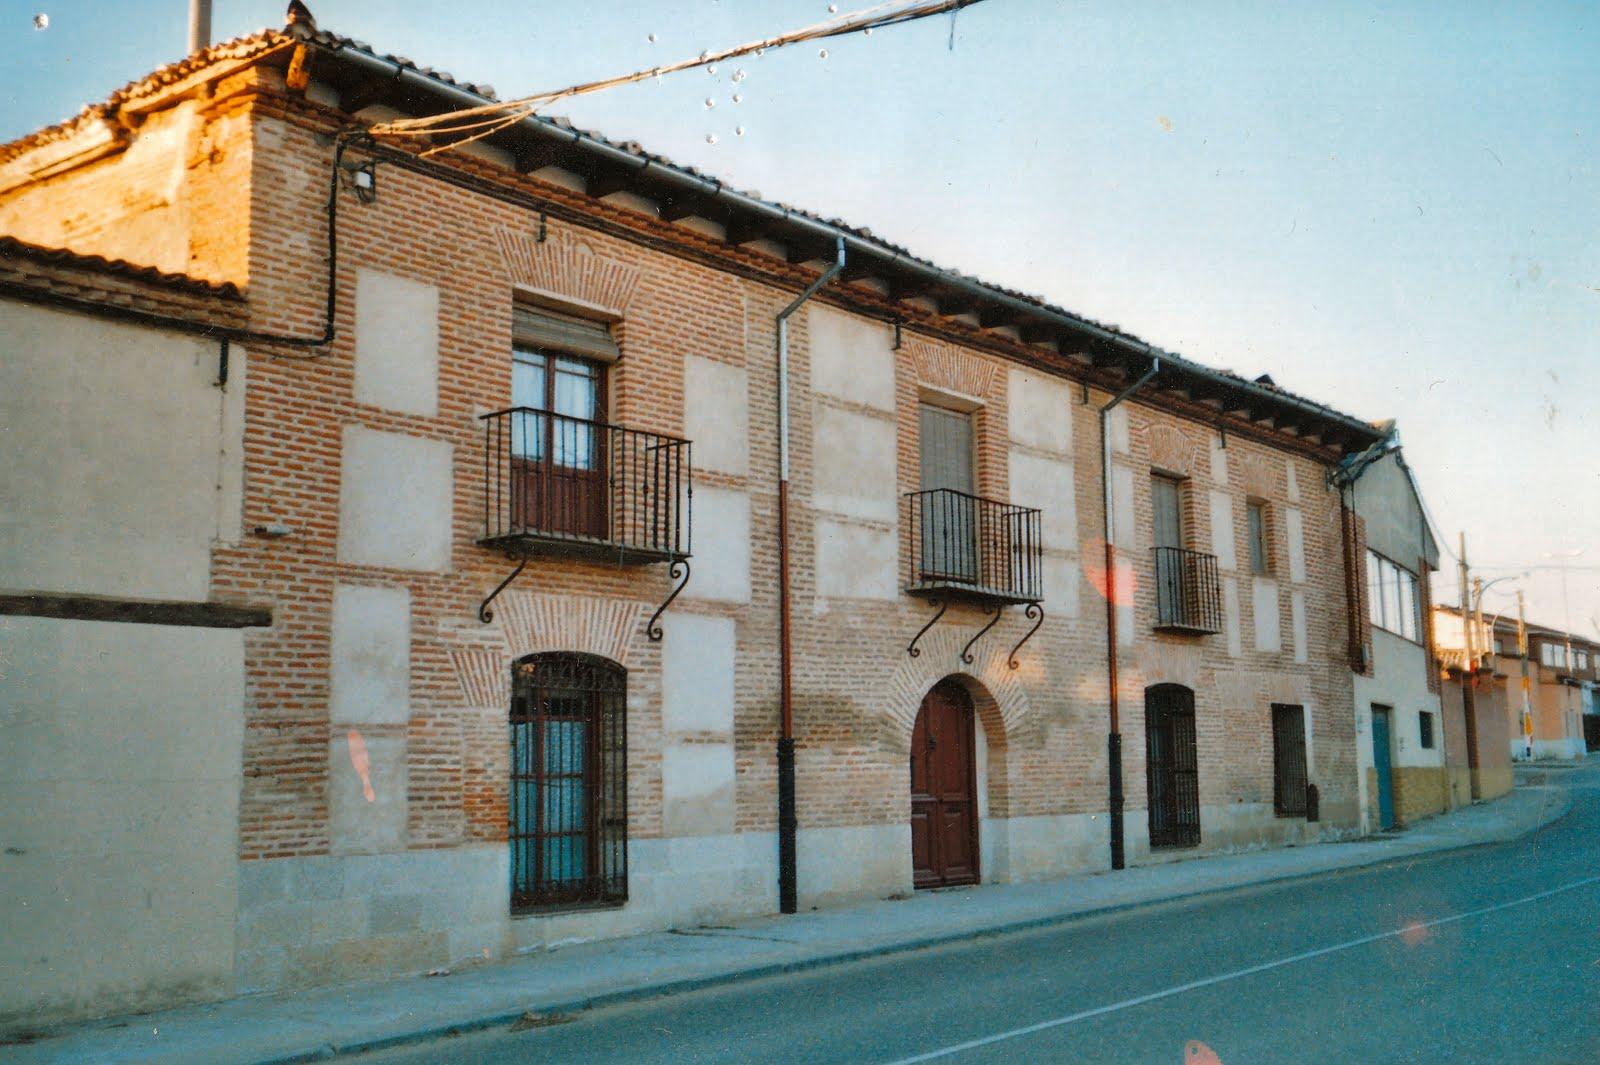 Subasta de casa en serrada valladolid tu piso en madrid barcelona sevilla valencia - Casas de subastas en barcelona ...